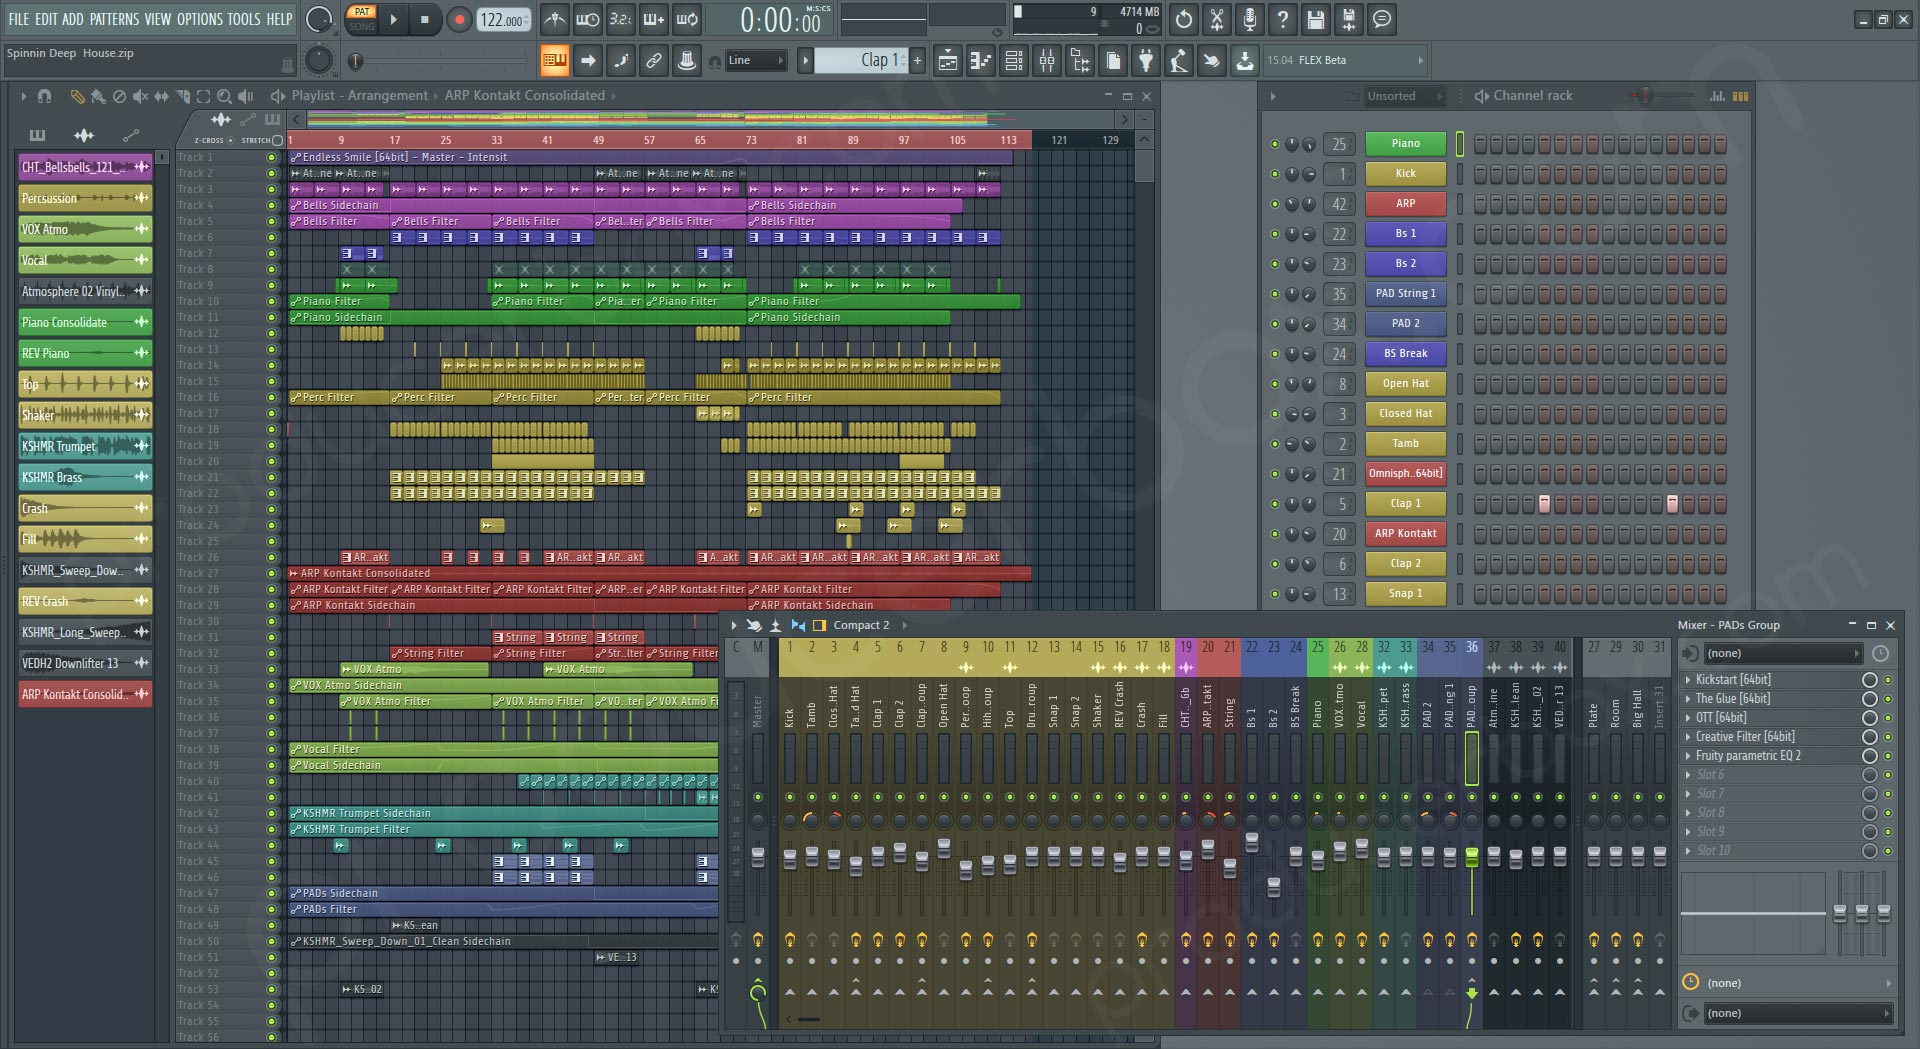 Spinnin Deep & House FL Studio Template